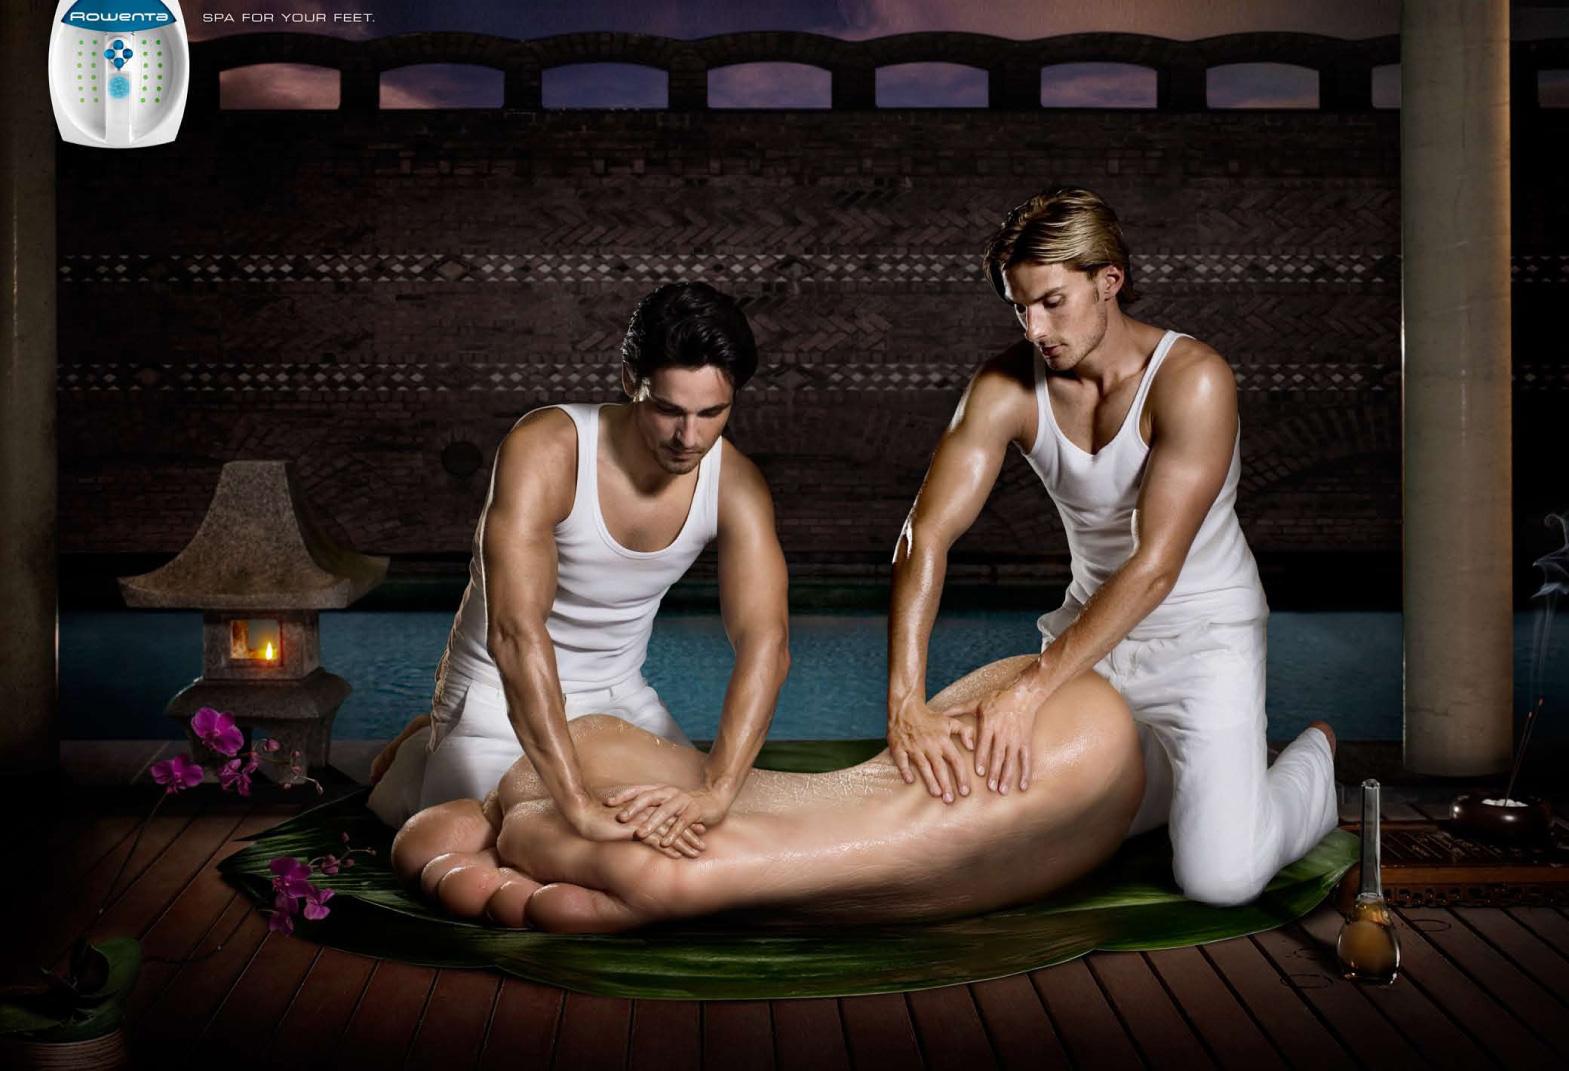 Девушки будьте осторожны массаж часто заканчивается